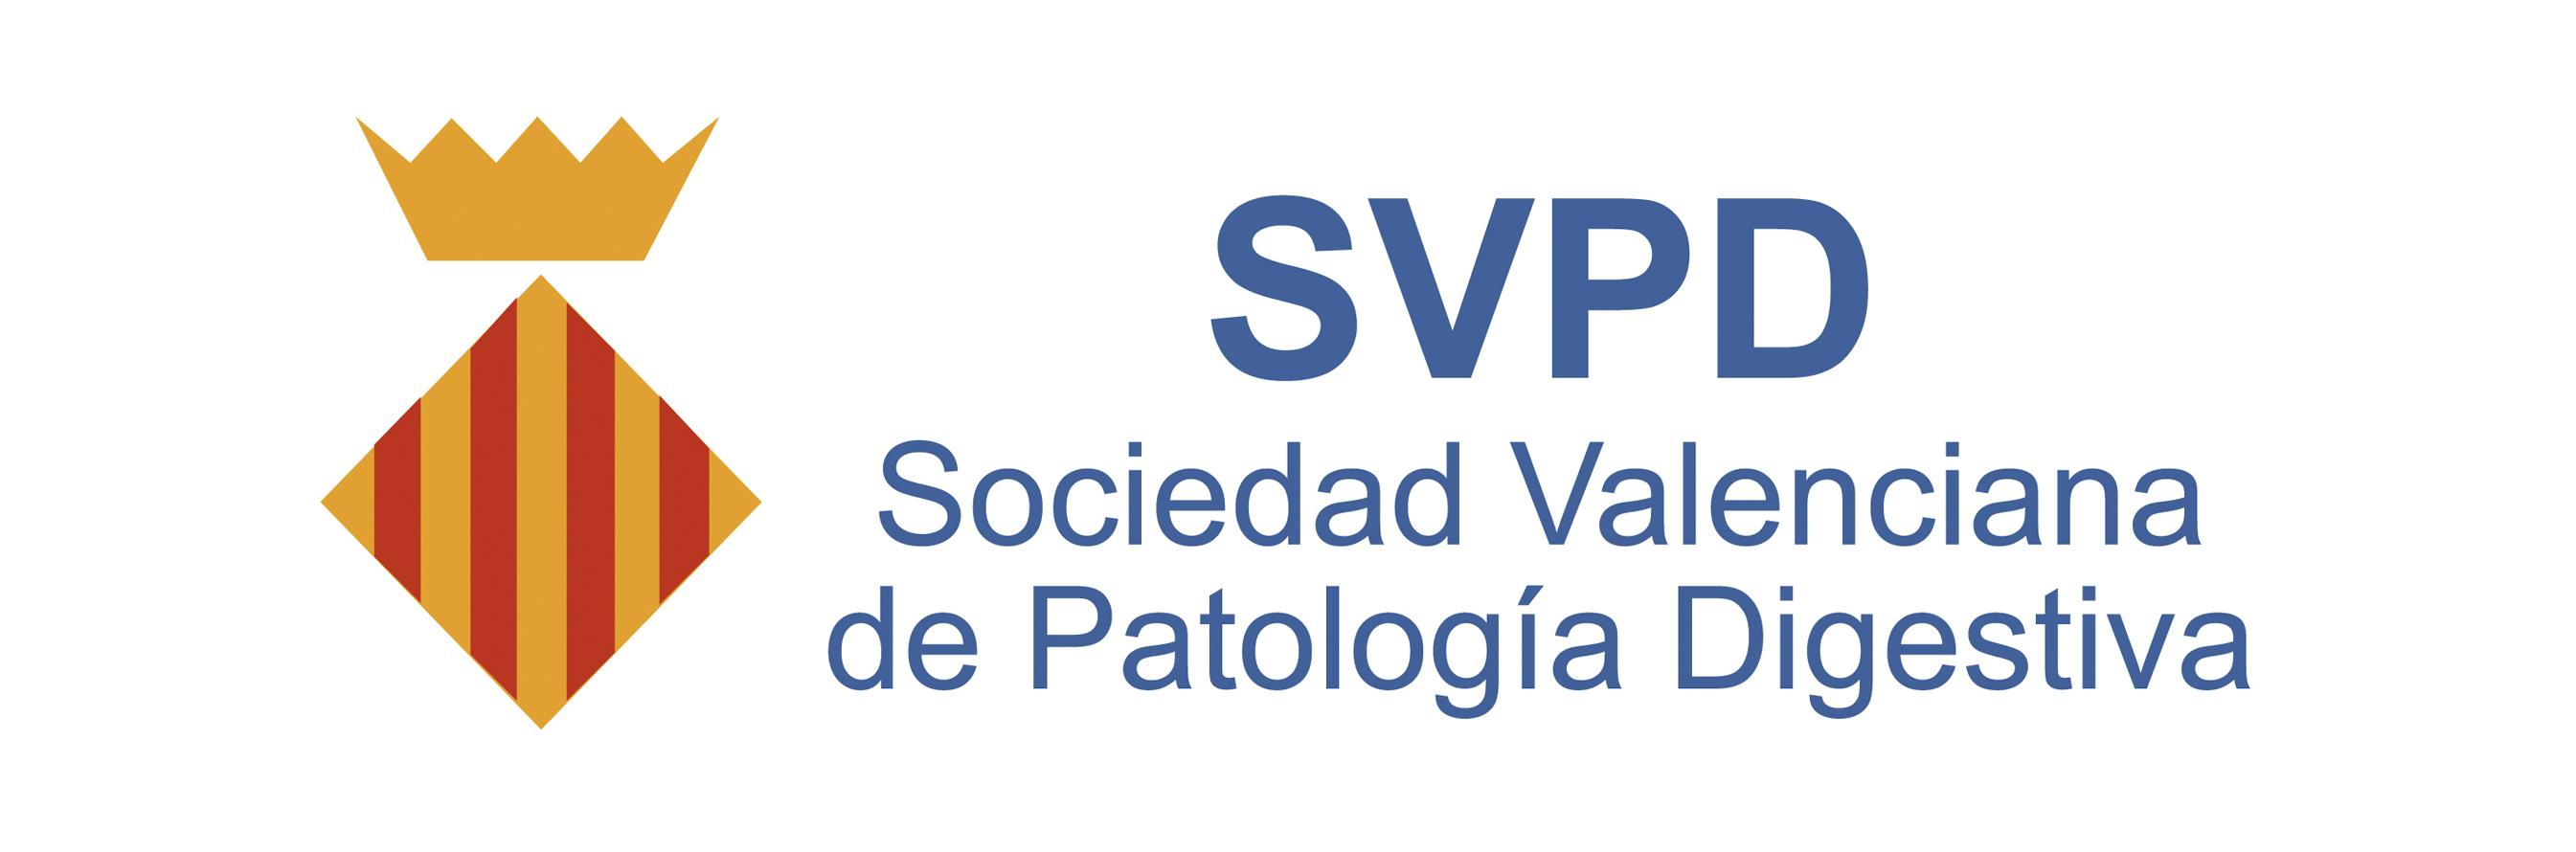 Sociedad Valenciana de Patología Digestiva (SVPD)